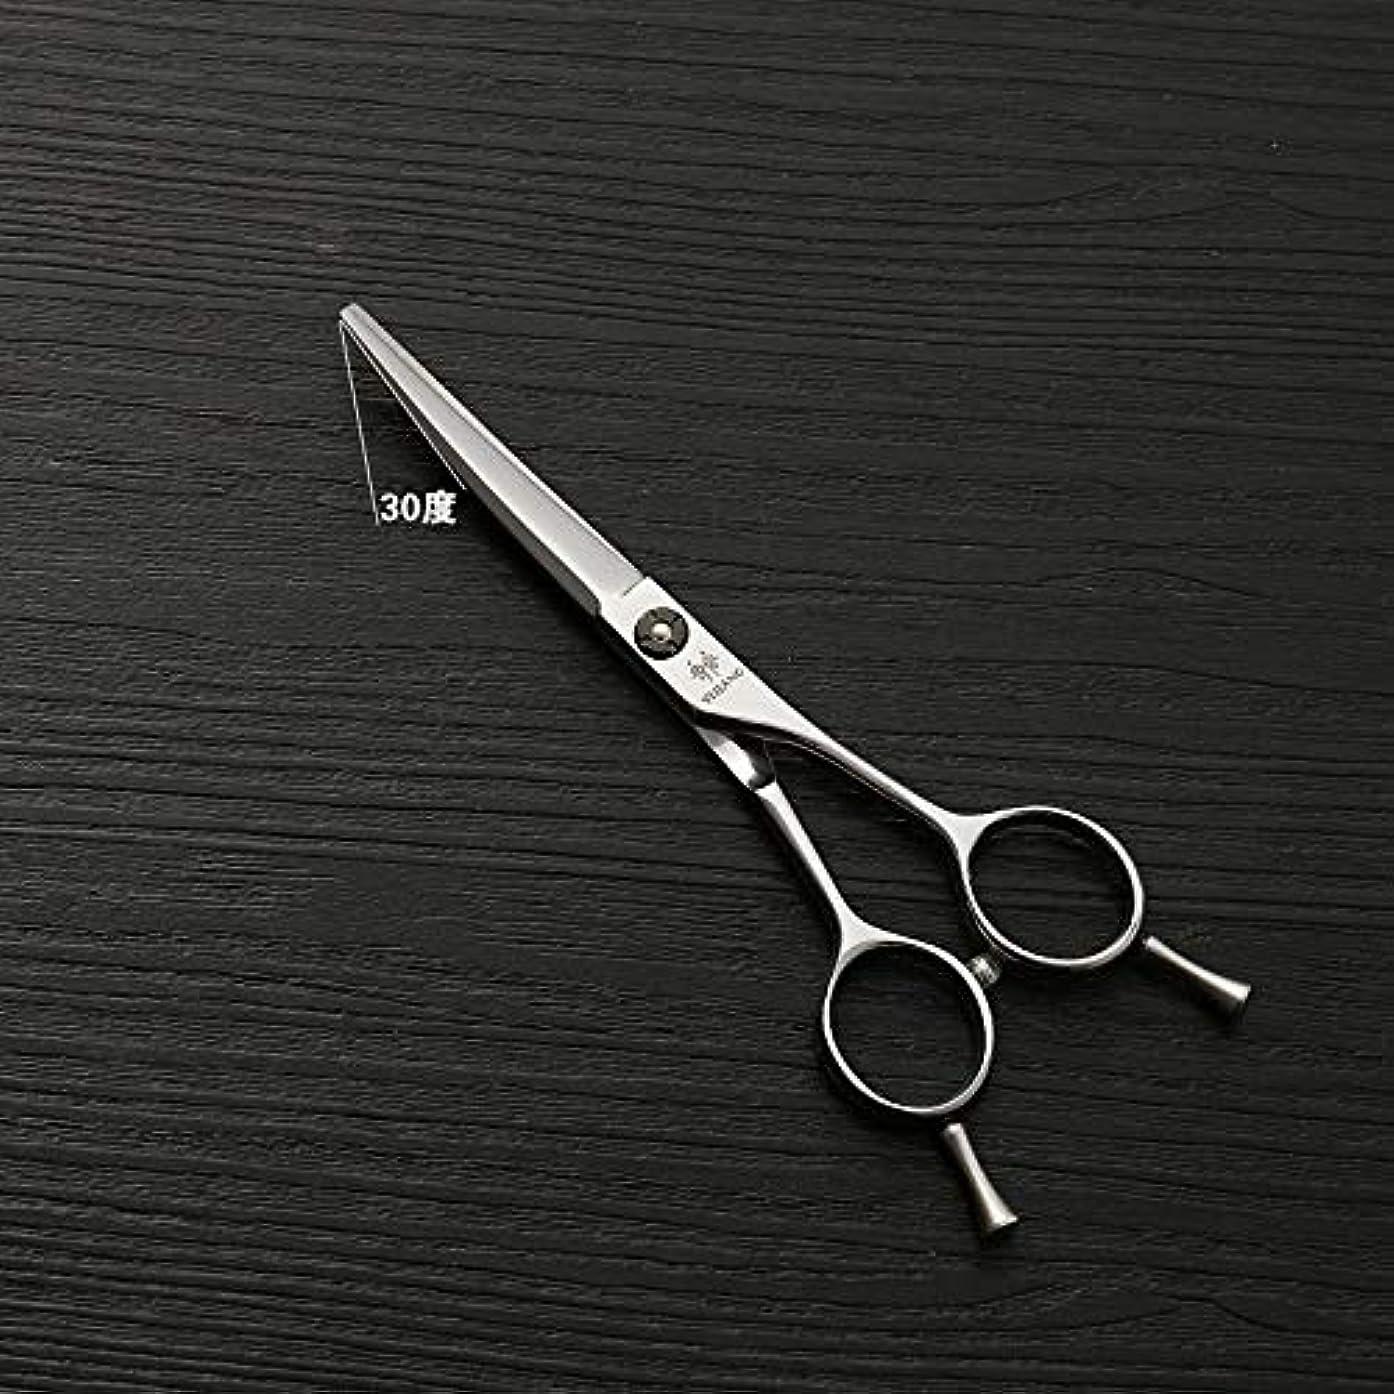 レプリカ炭素引っ張る440Cステンレス鋼バリカン、5.5インチ美容院プロのバリカンハイグレードシルバー理髪ツール モデリングツール (色 : Silver)